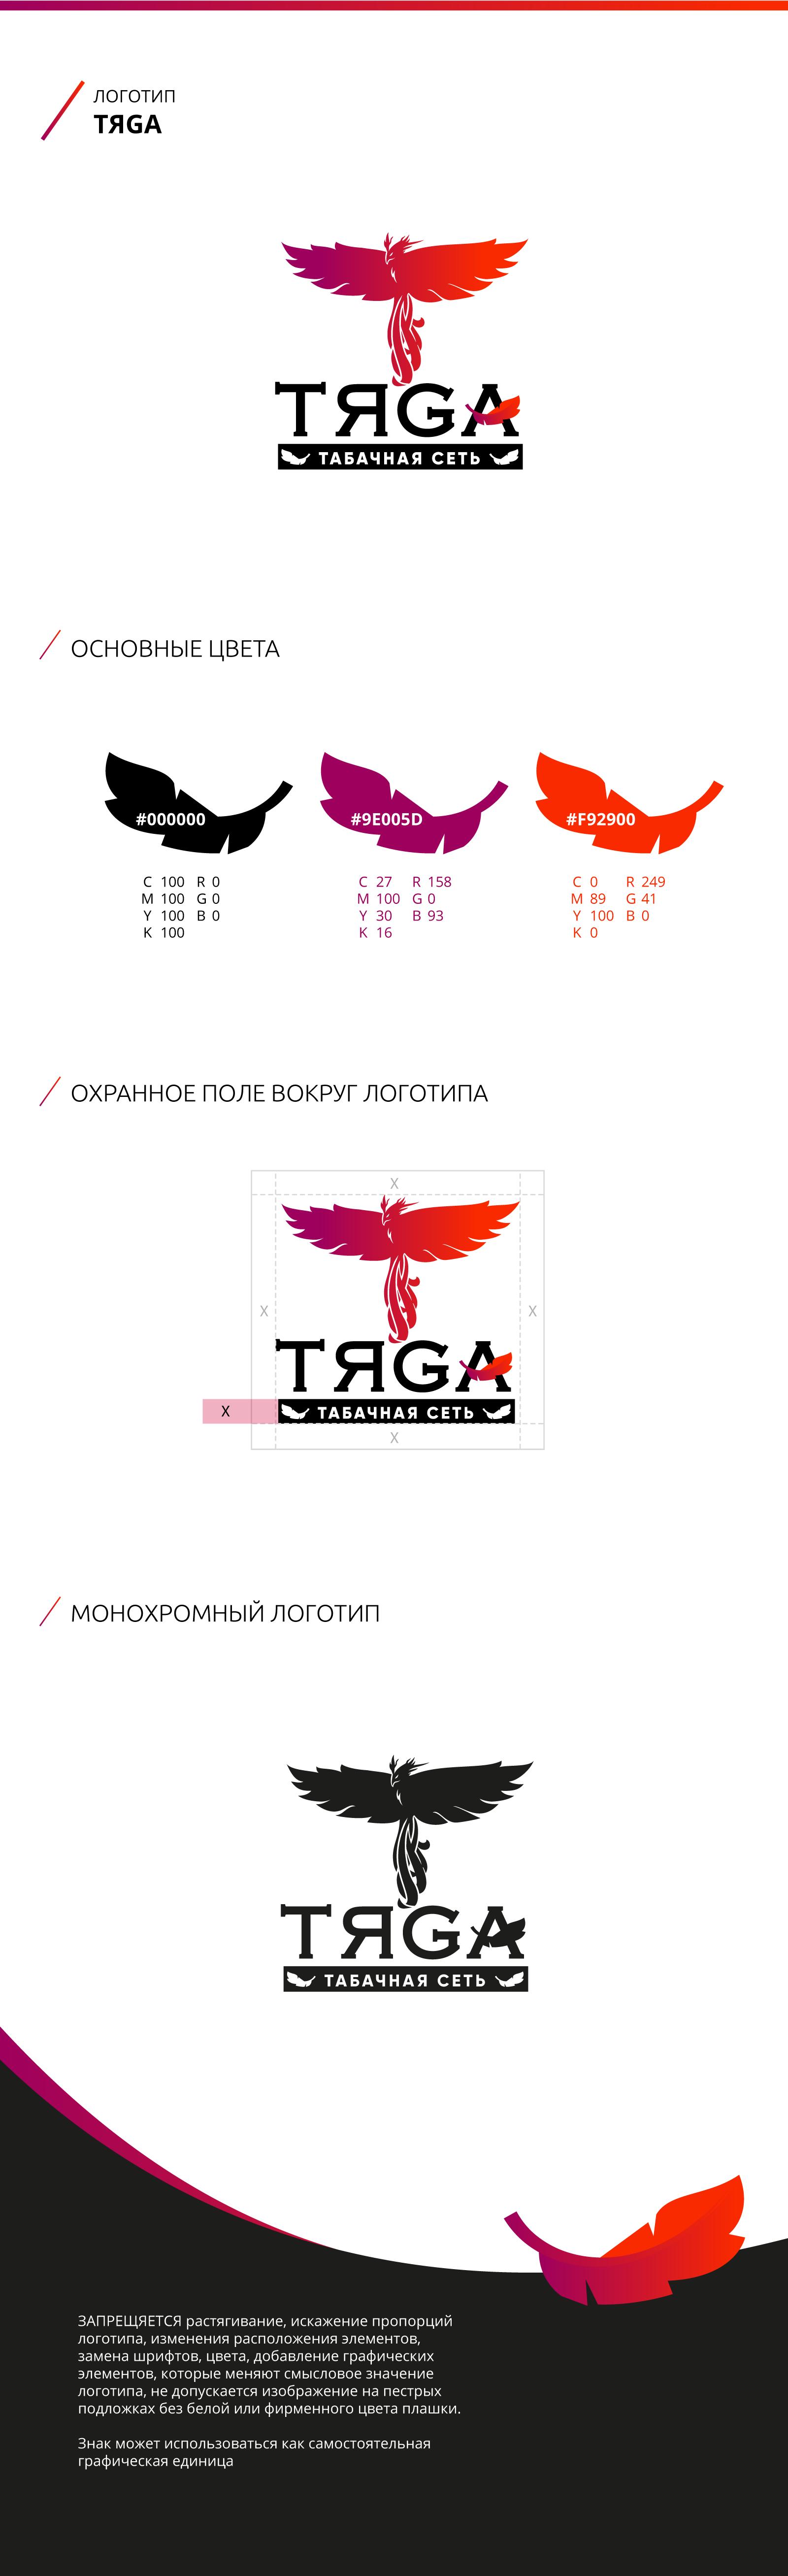 ТЯGA - сеть по продаже табачной продукции